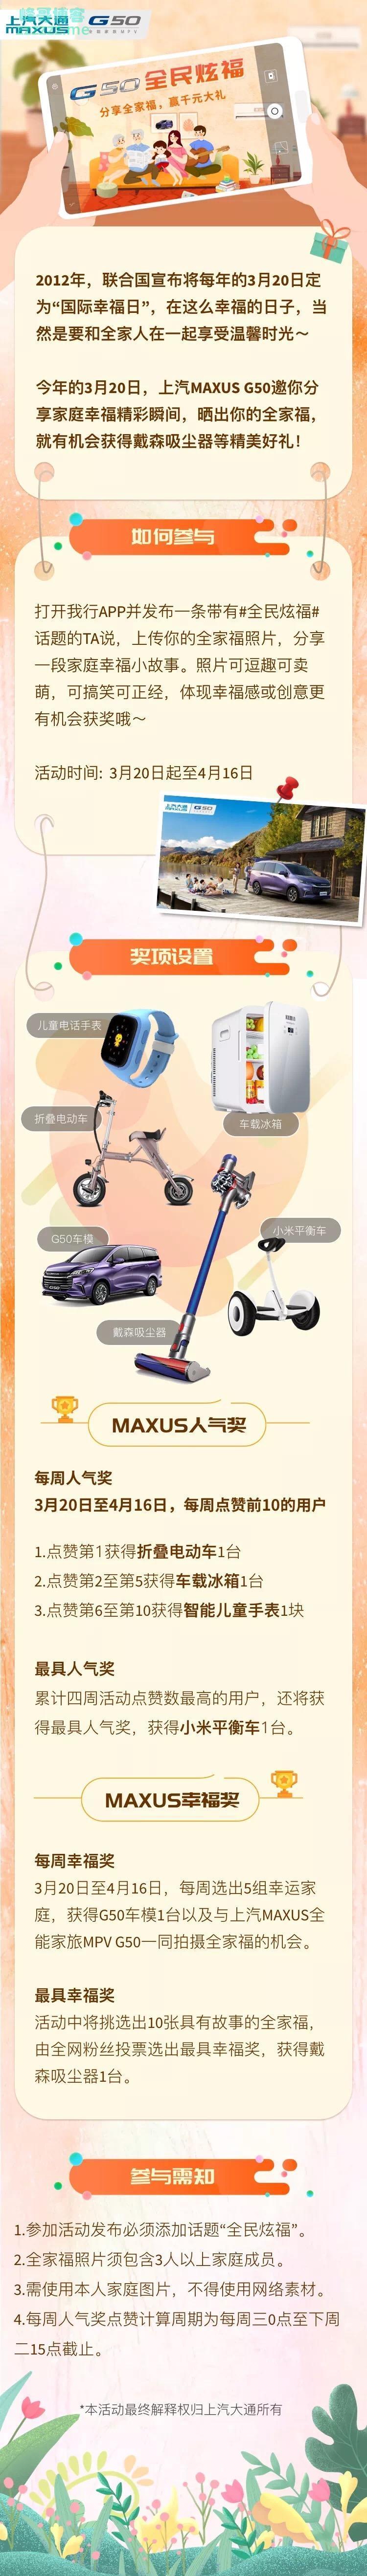 <我行MAXUS>国际幸福日晒全家福赢戴森吸尘器等实物奖品(4月16日截止)